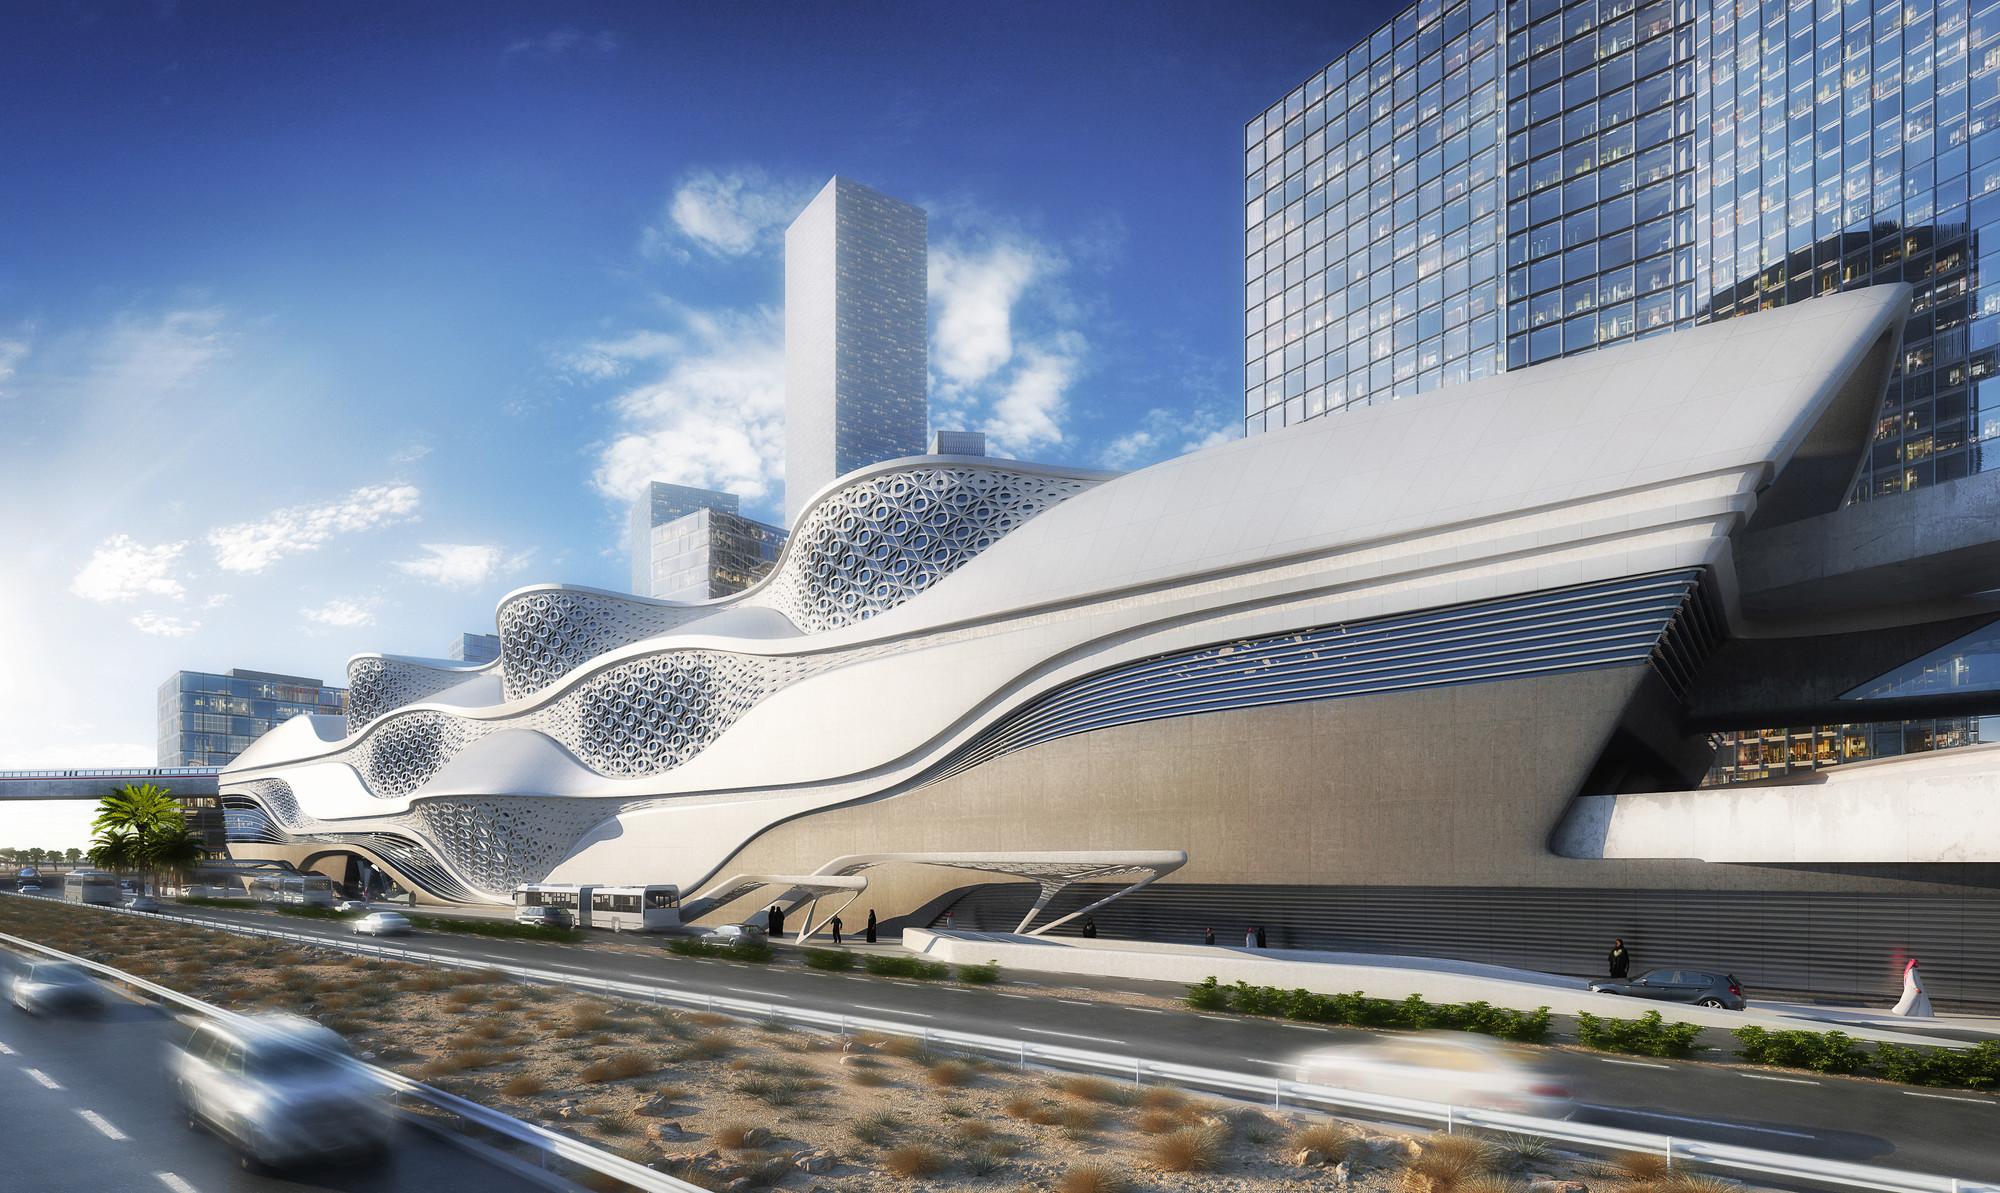 محطة مترو الرياض التي صممتها زها حديد